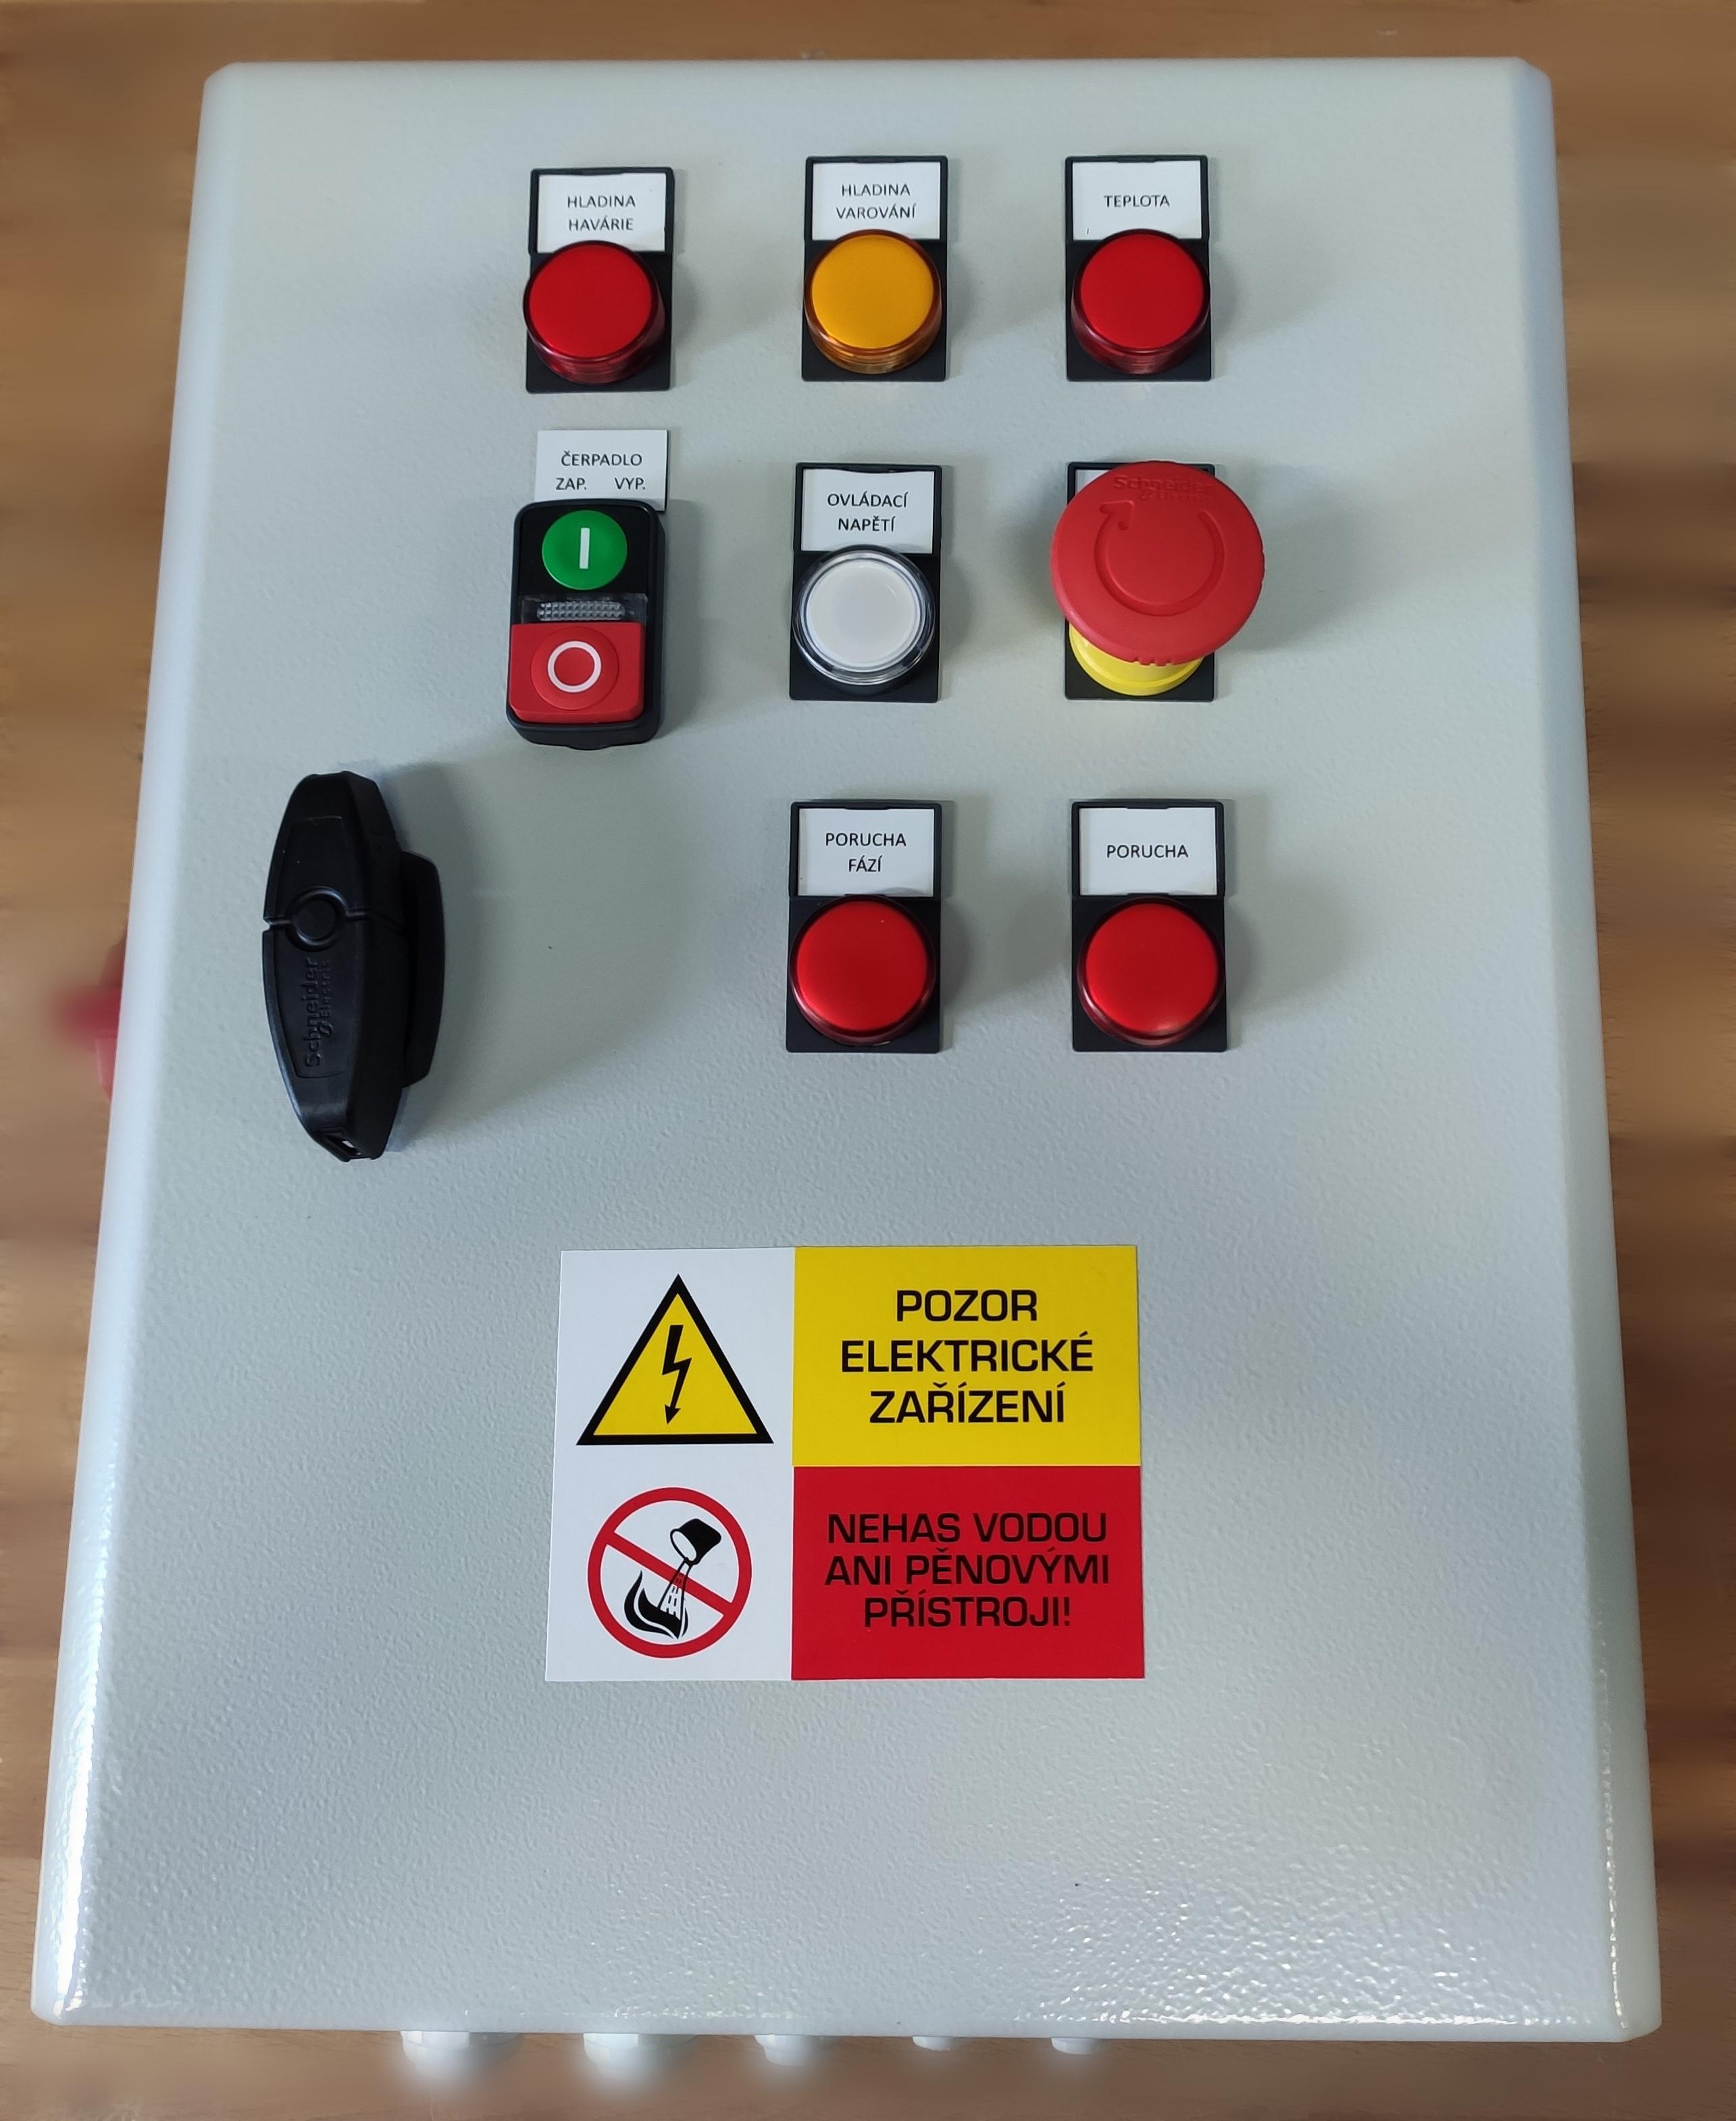 Elektro skříň agregátu